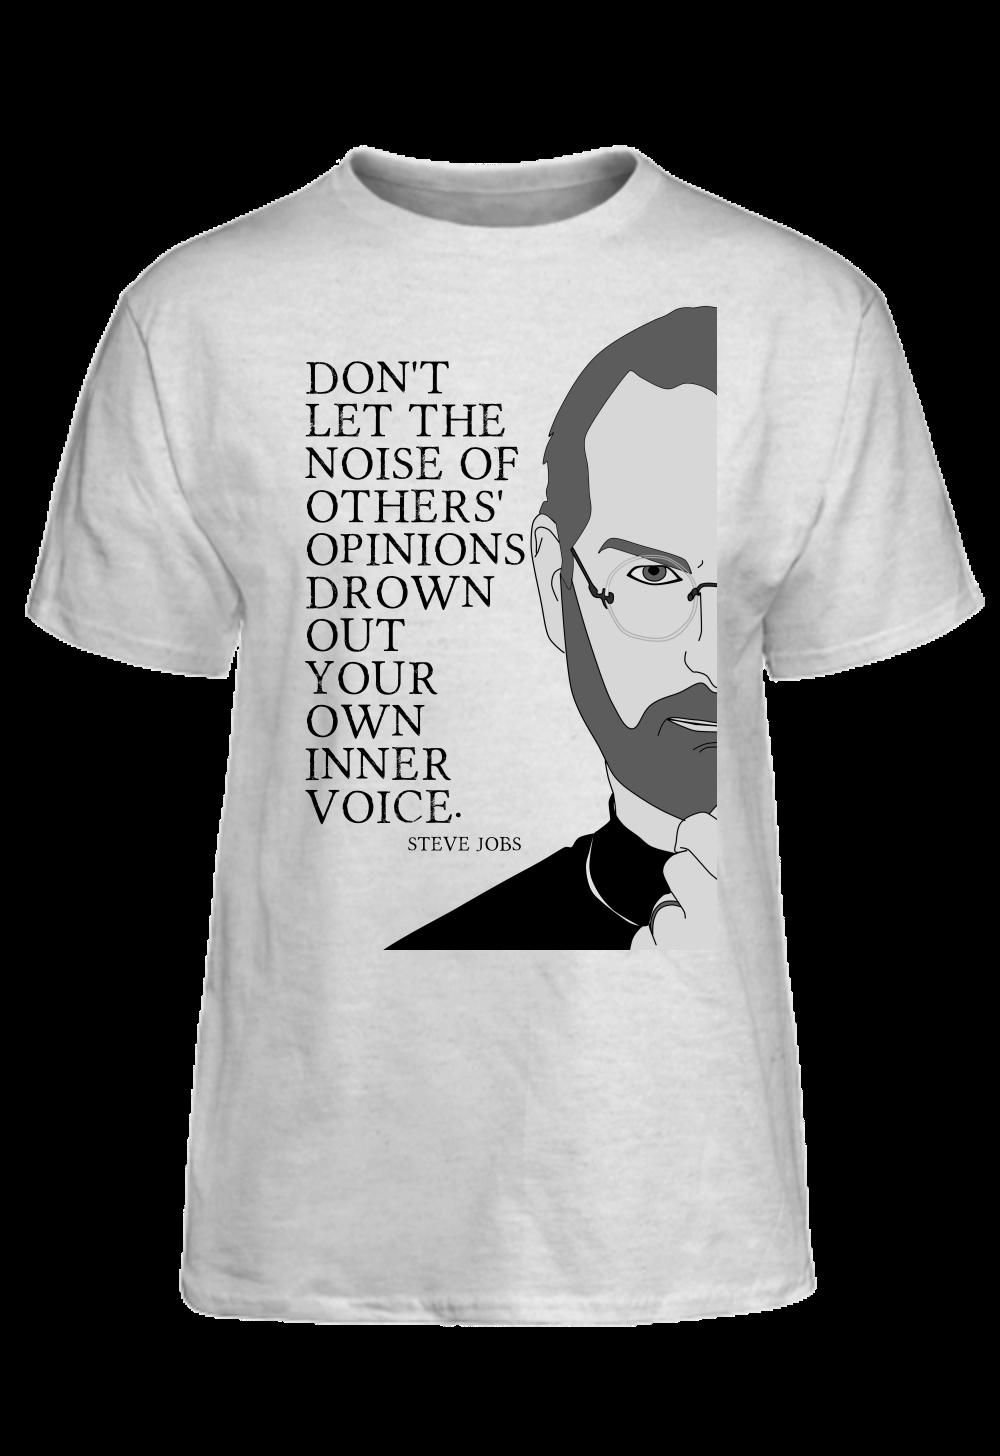 Steve Jobs Quote Inner Voice Basic Tee Steve Jobs Quotes Steve Jobs Inner Voice